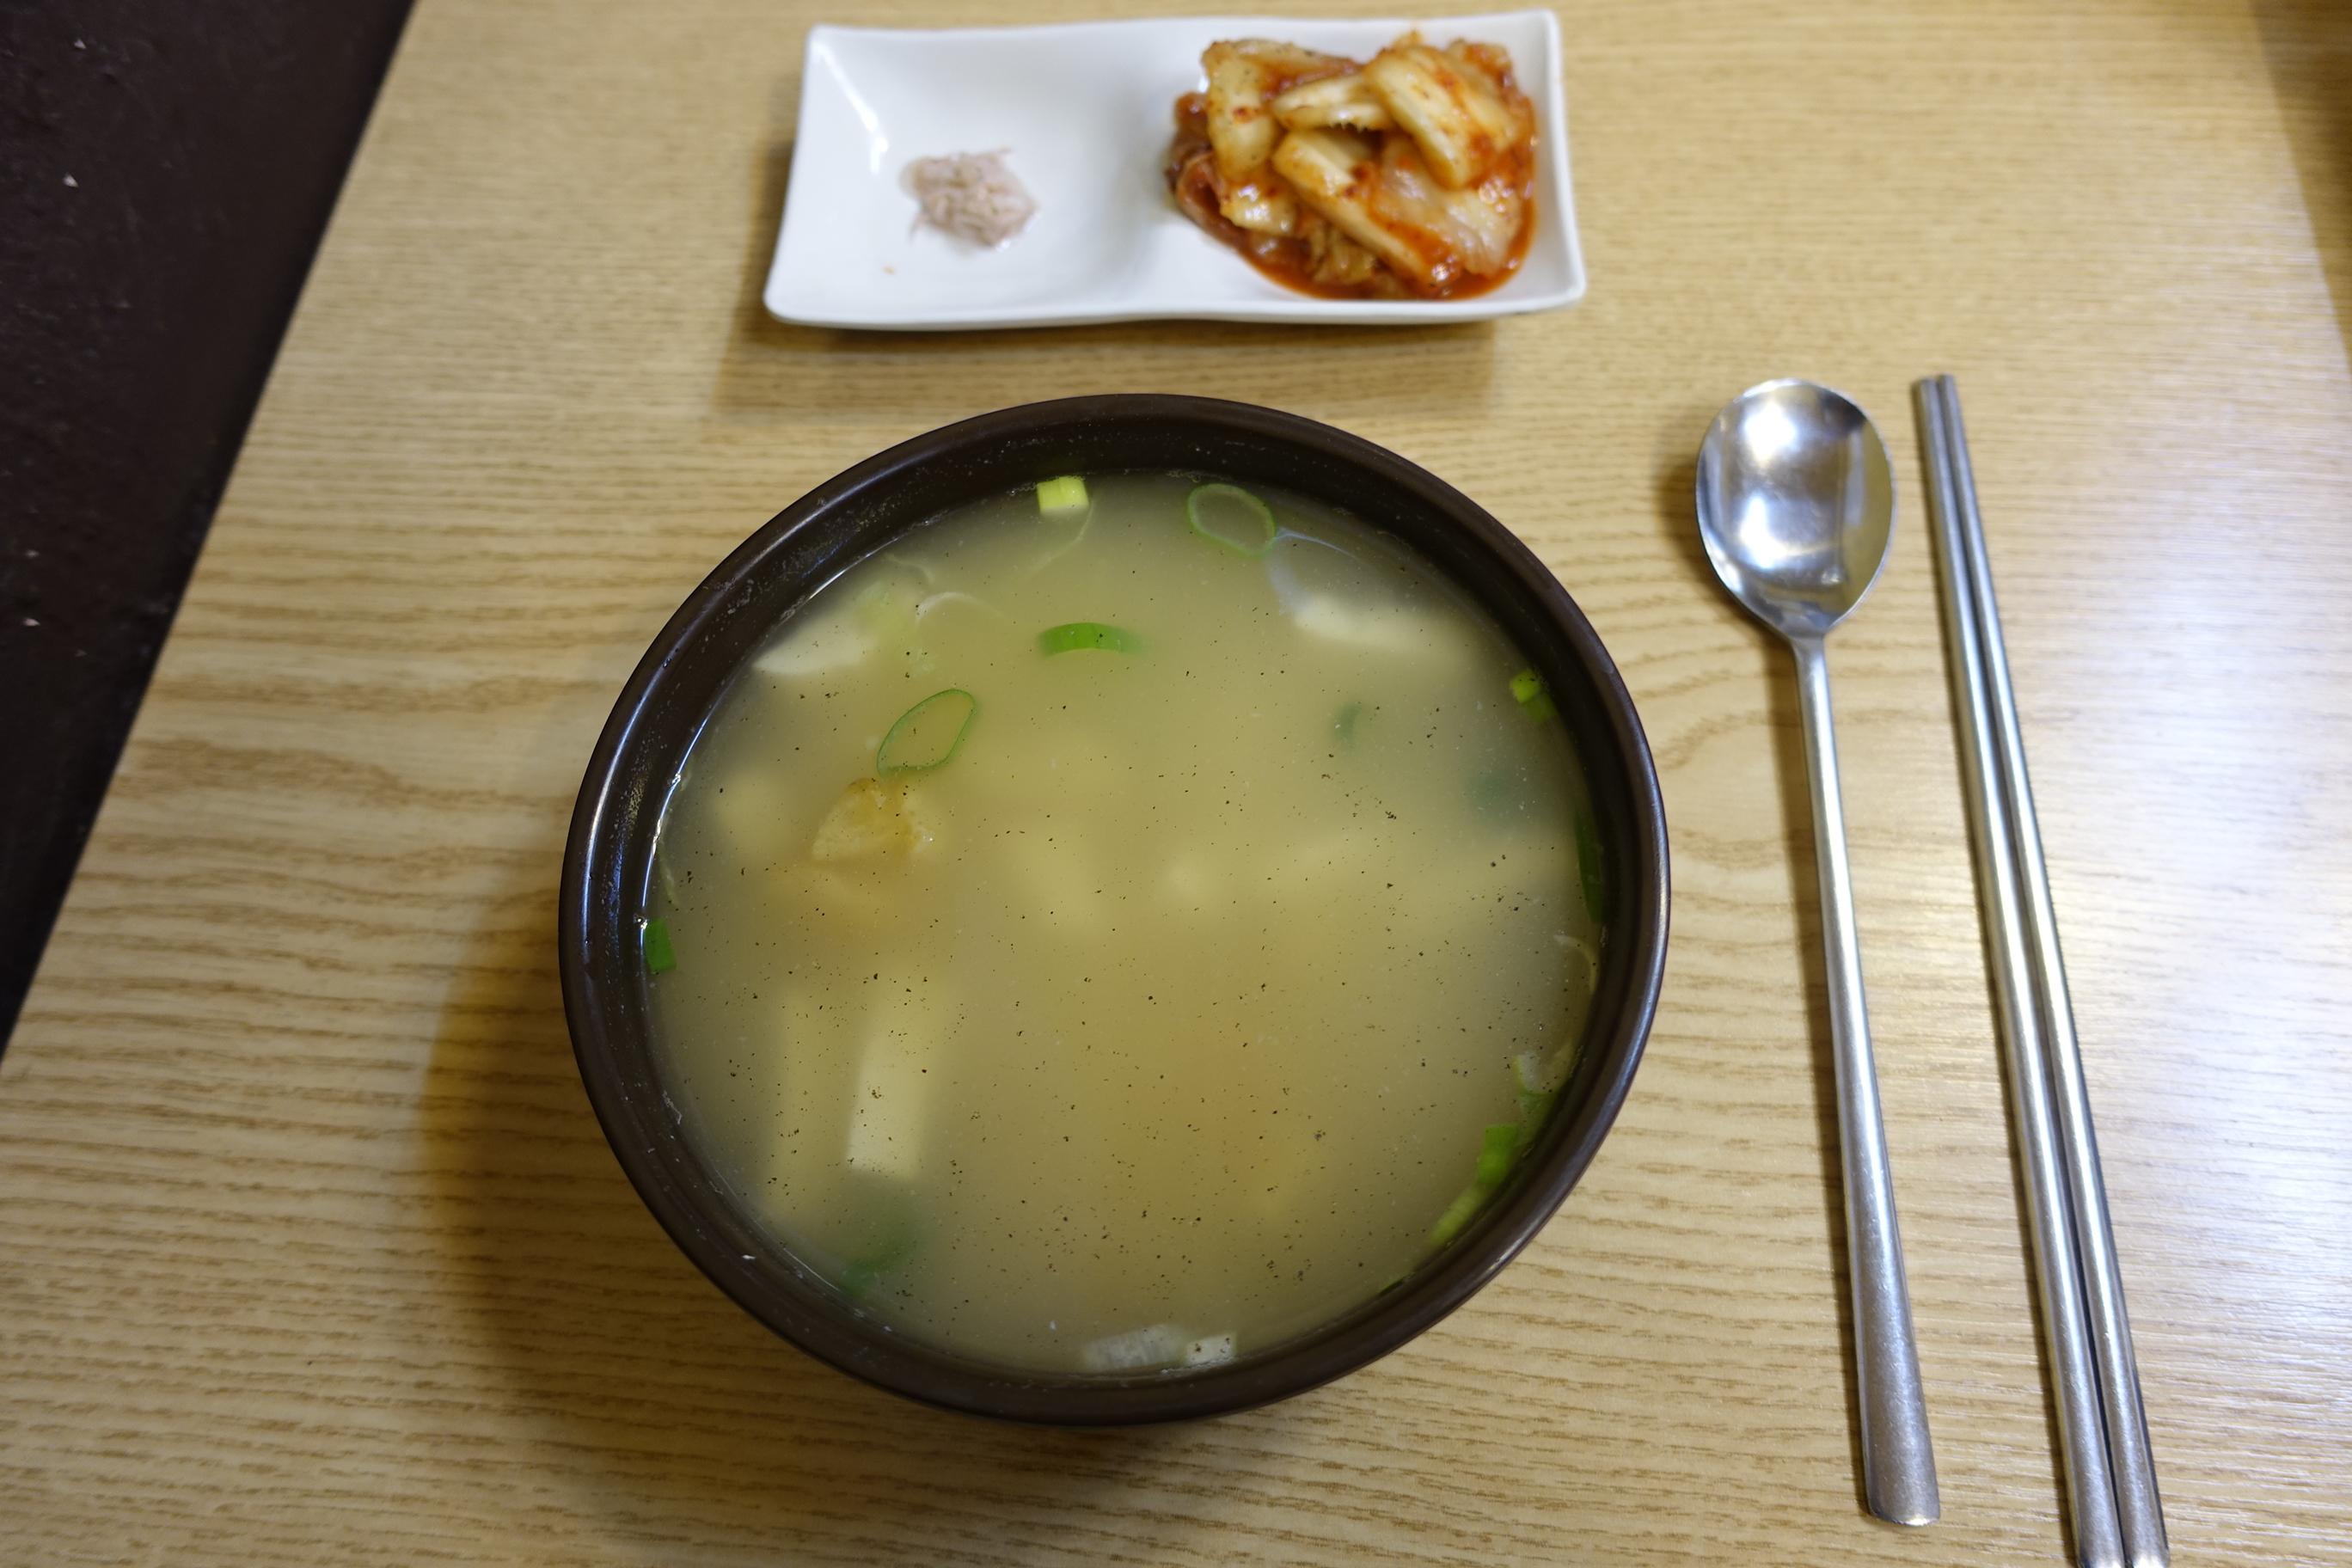 Dried pollock soup at Hwangtae Gukbap